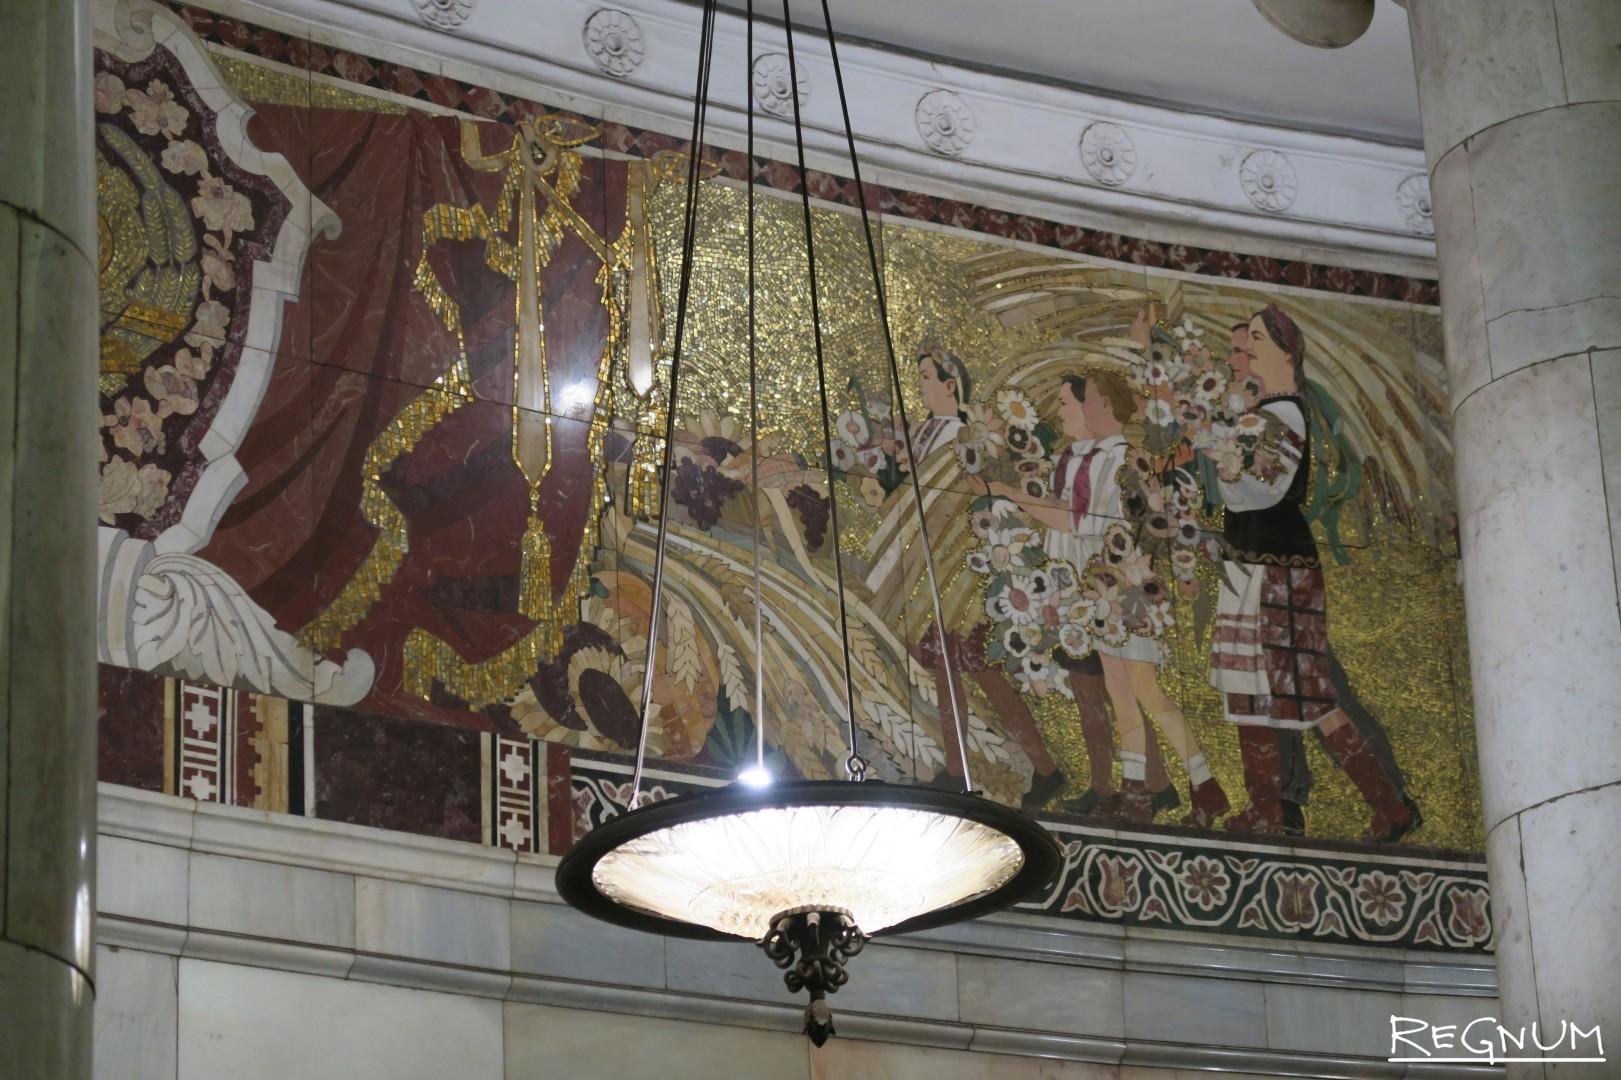 Фриз из флорентийской мозаики «Достижения Советской Украины». Станция метро «Киевская Кольцевая»